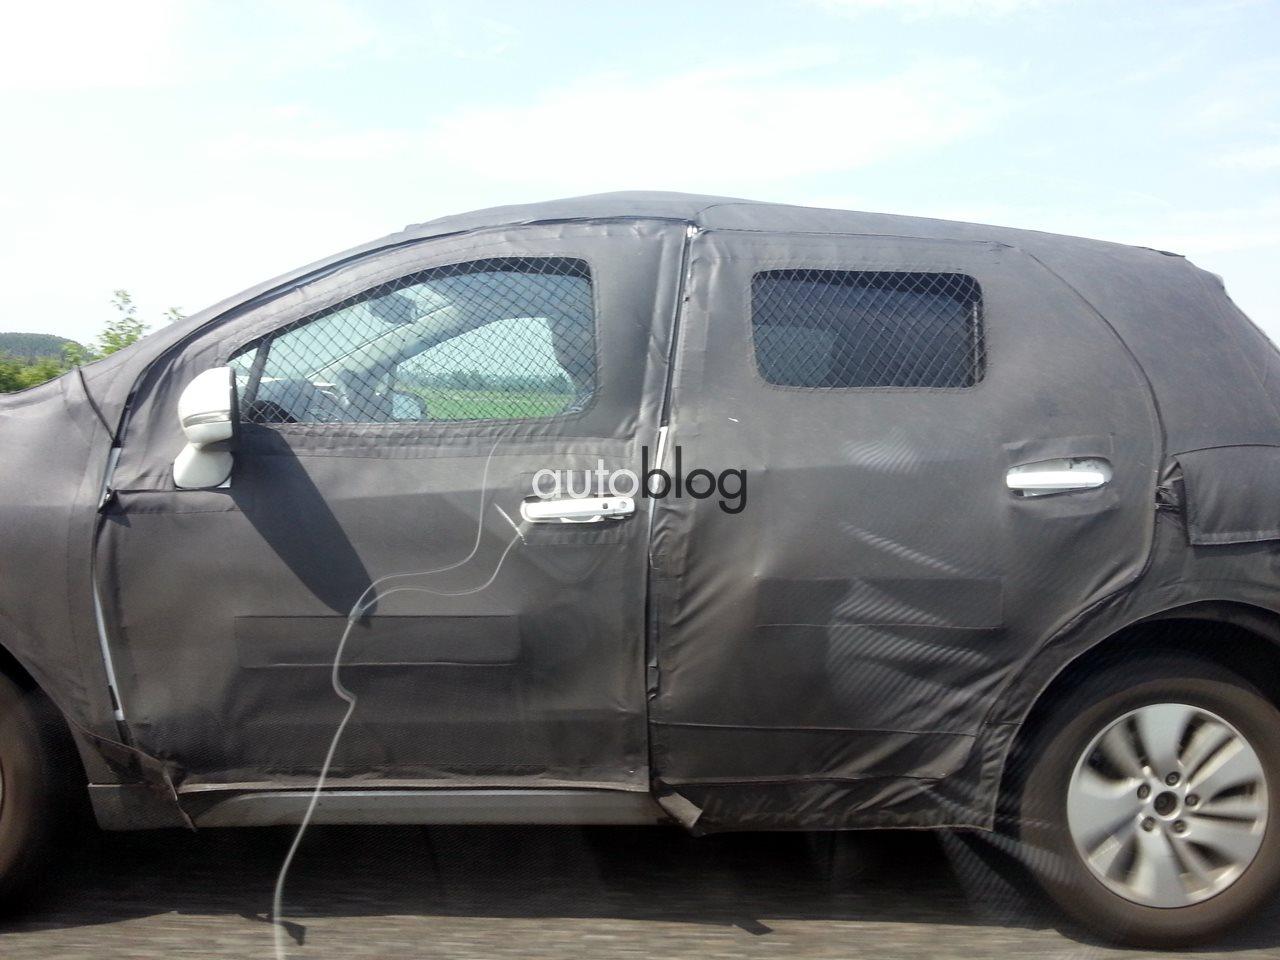 2014 Suzuki SX4 crossover testing in Italy